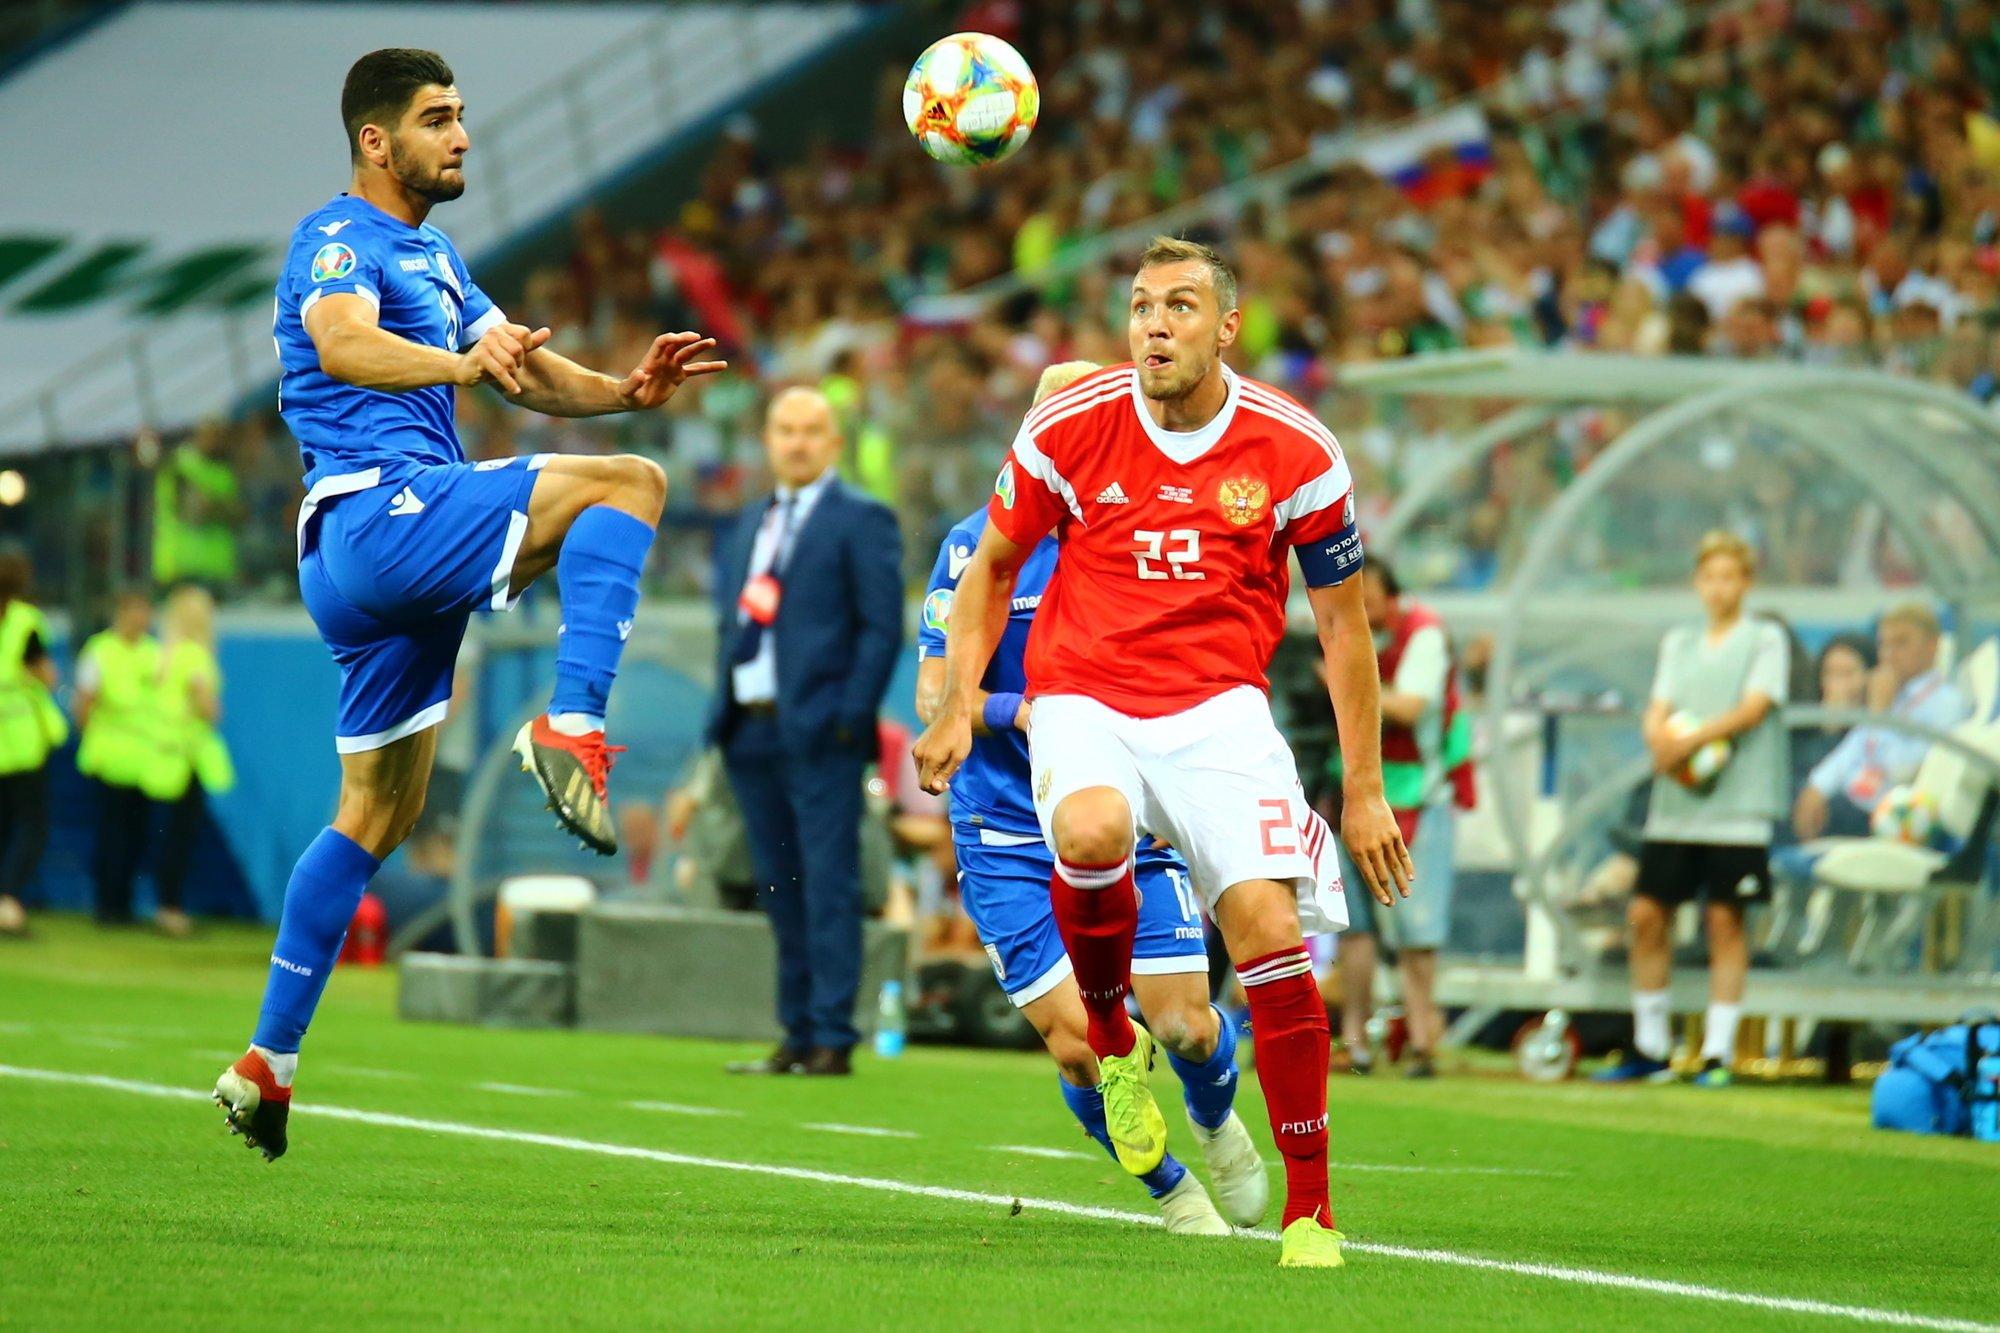 Кипр — Россия: ставки, прогнозы и коэффициенты букмекеров на матч 13 октября 2019 года